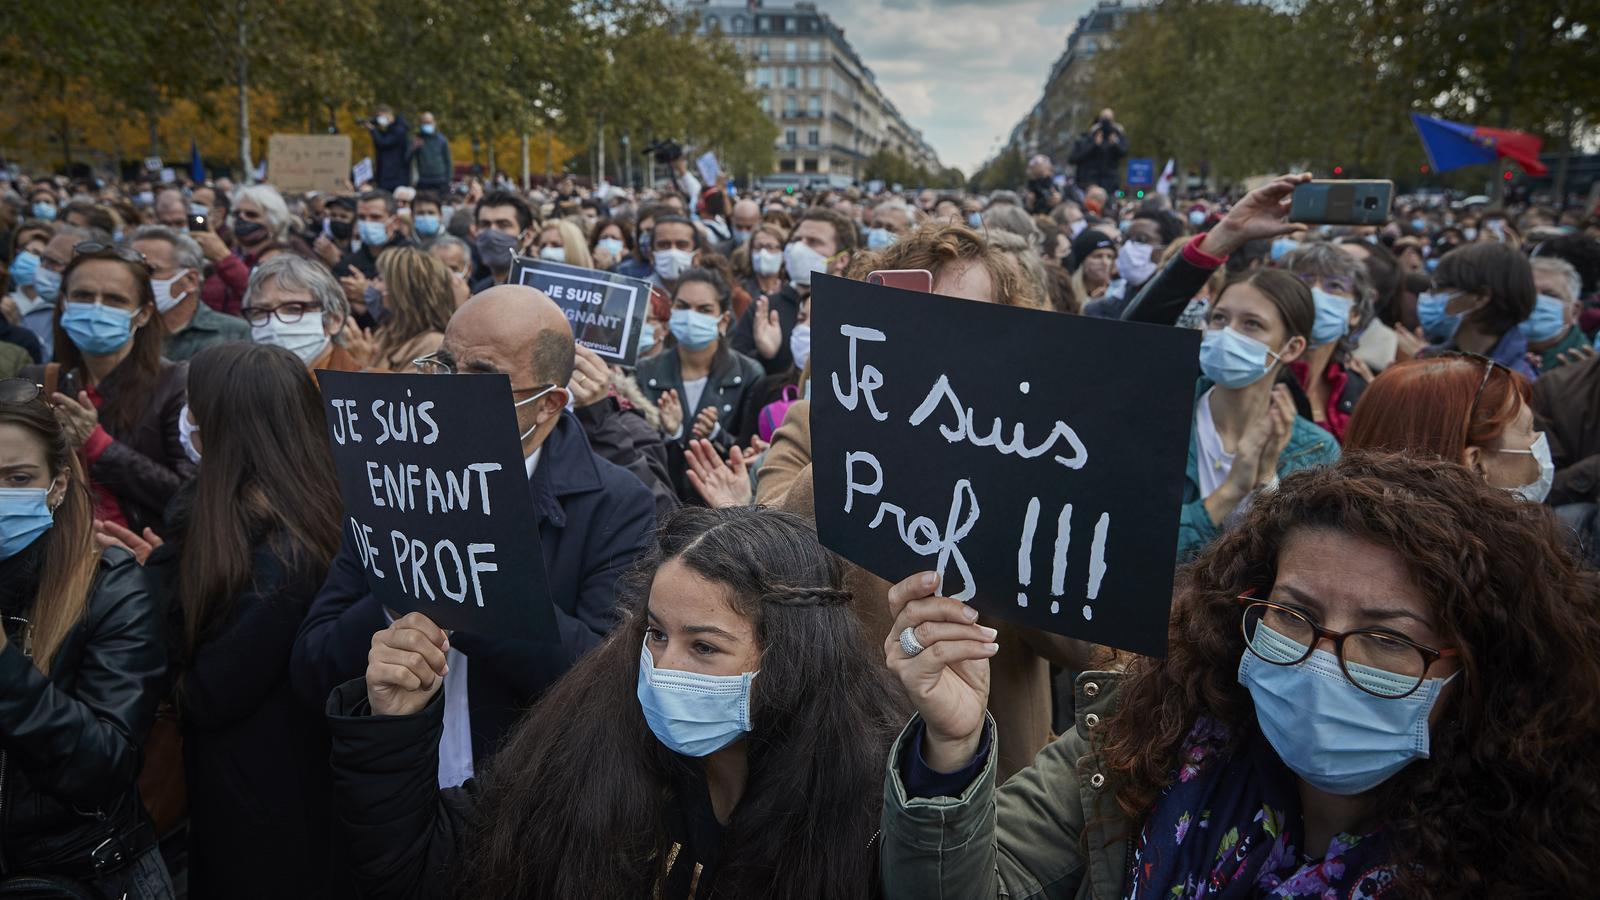 Desenes de milers de manifestants a França homenatgen el professor assassinat